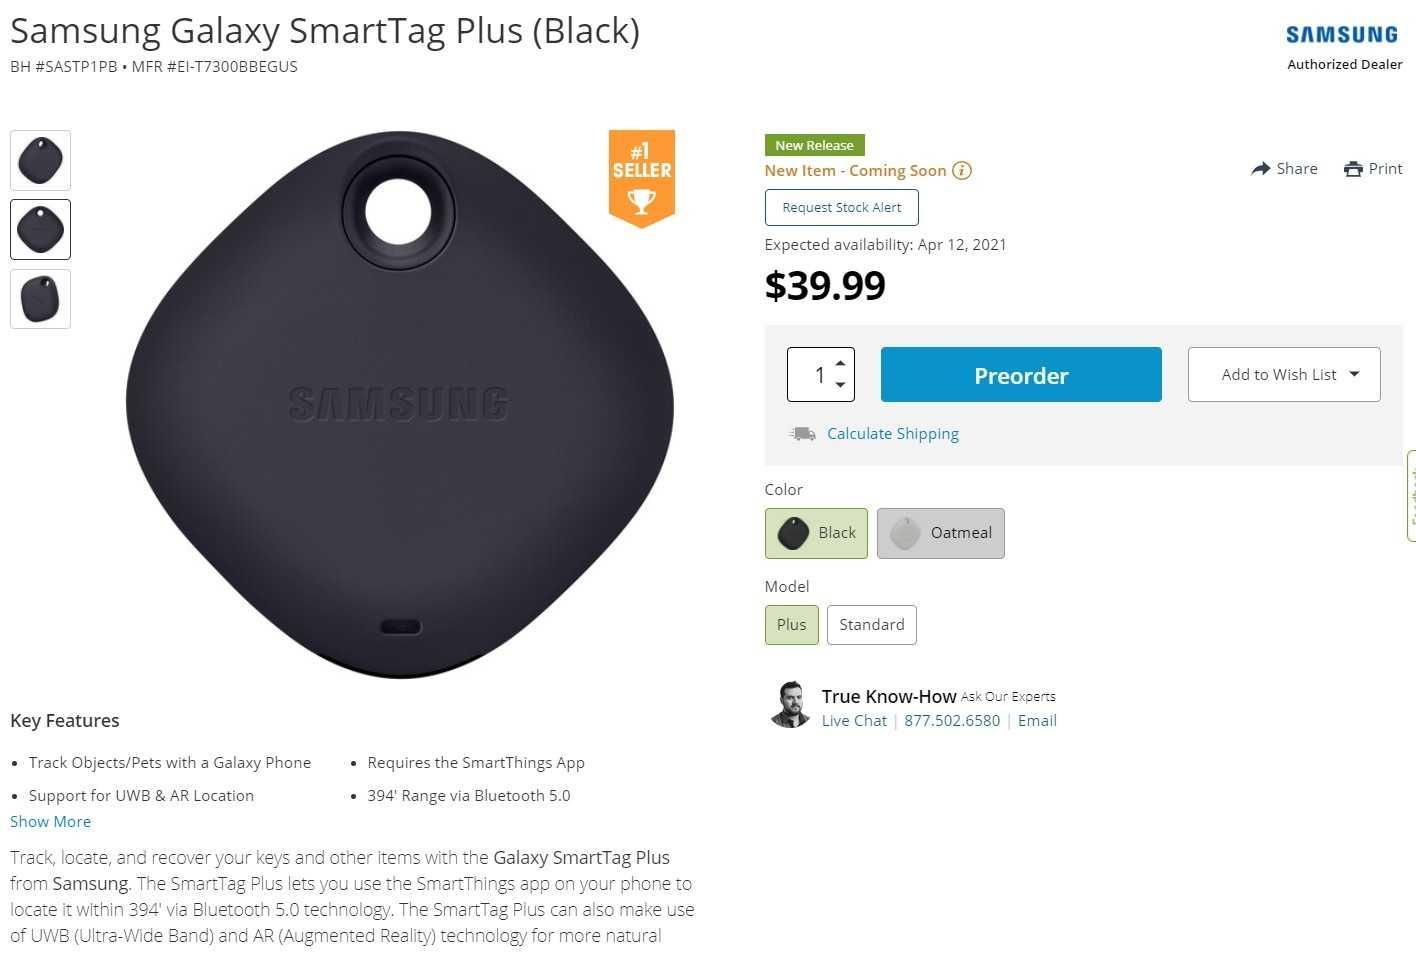 三星 SmartTag Plus 版悄然上架海外电商:支持 UWB 技术,39.99 美元